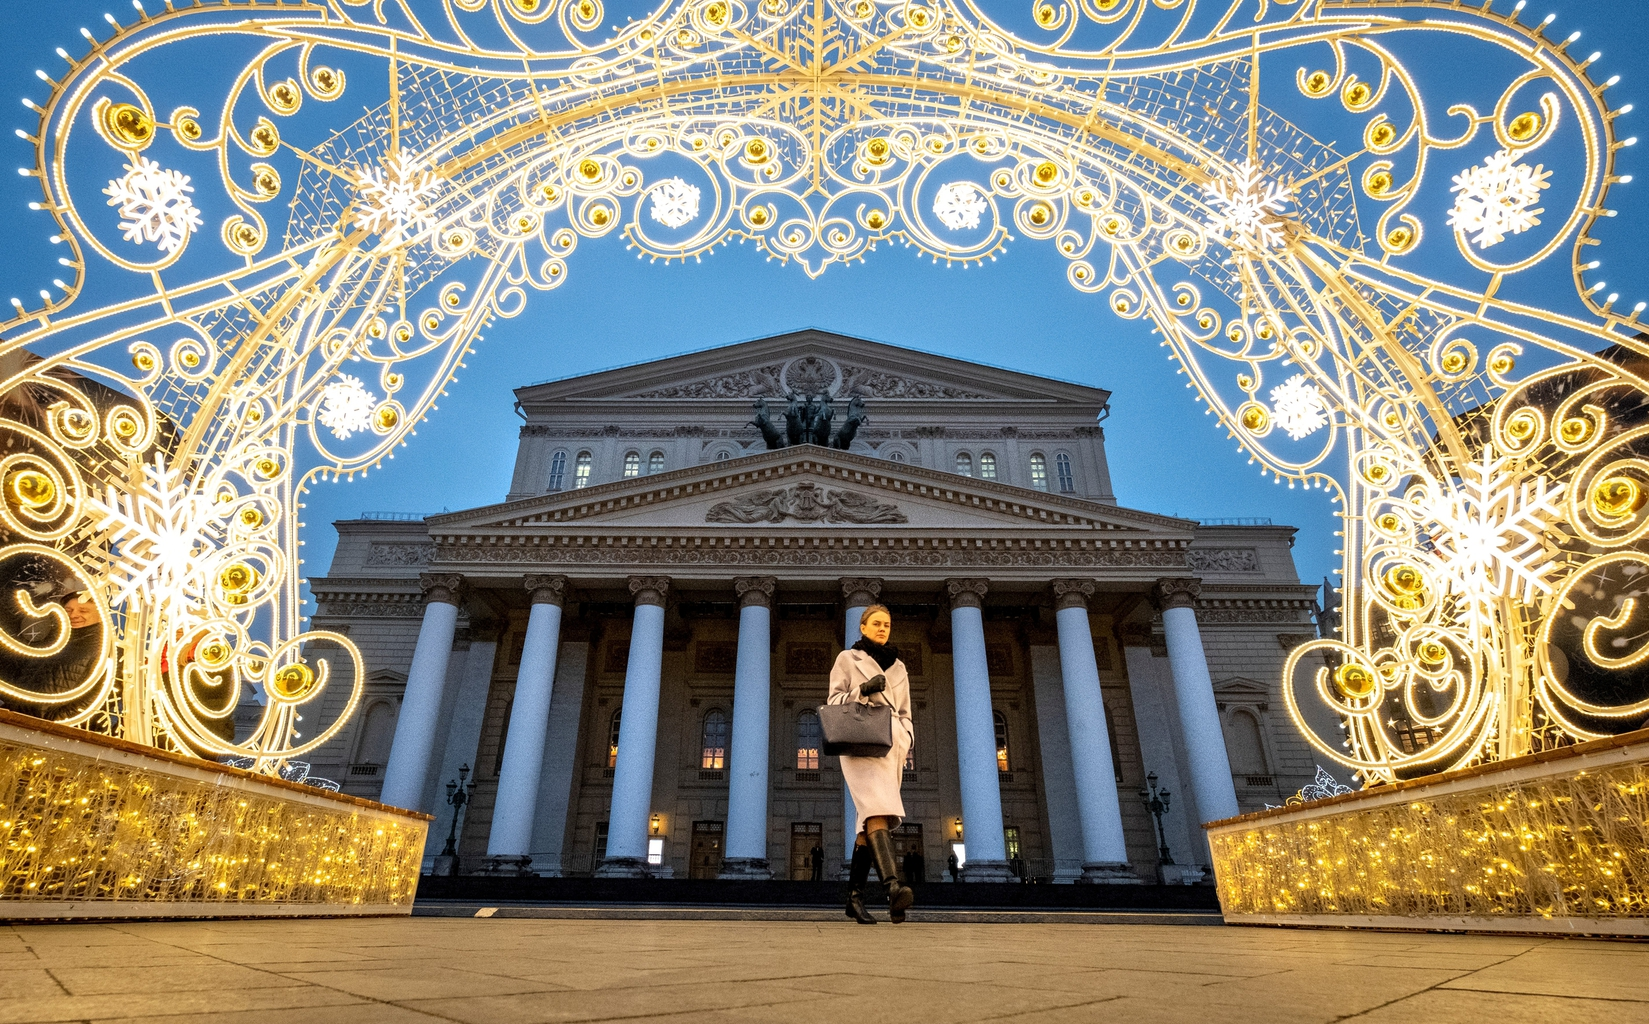 A moszkvai Bolsoj színház újévi díszben #moszkvater